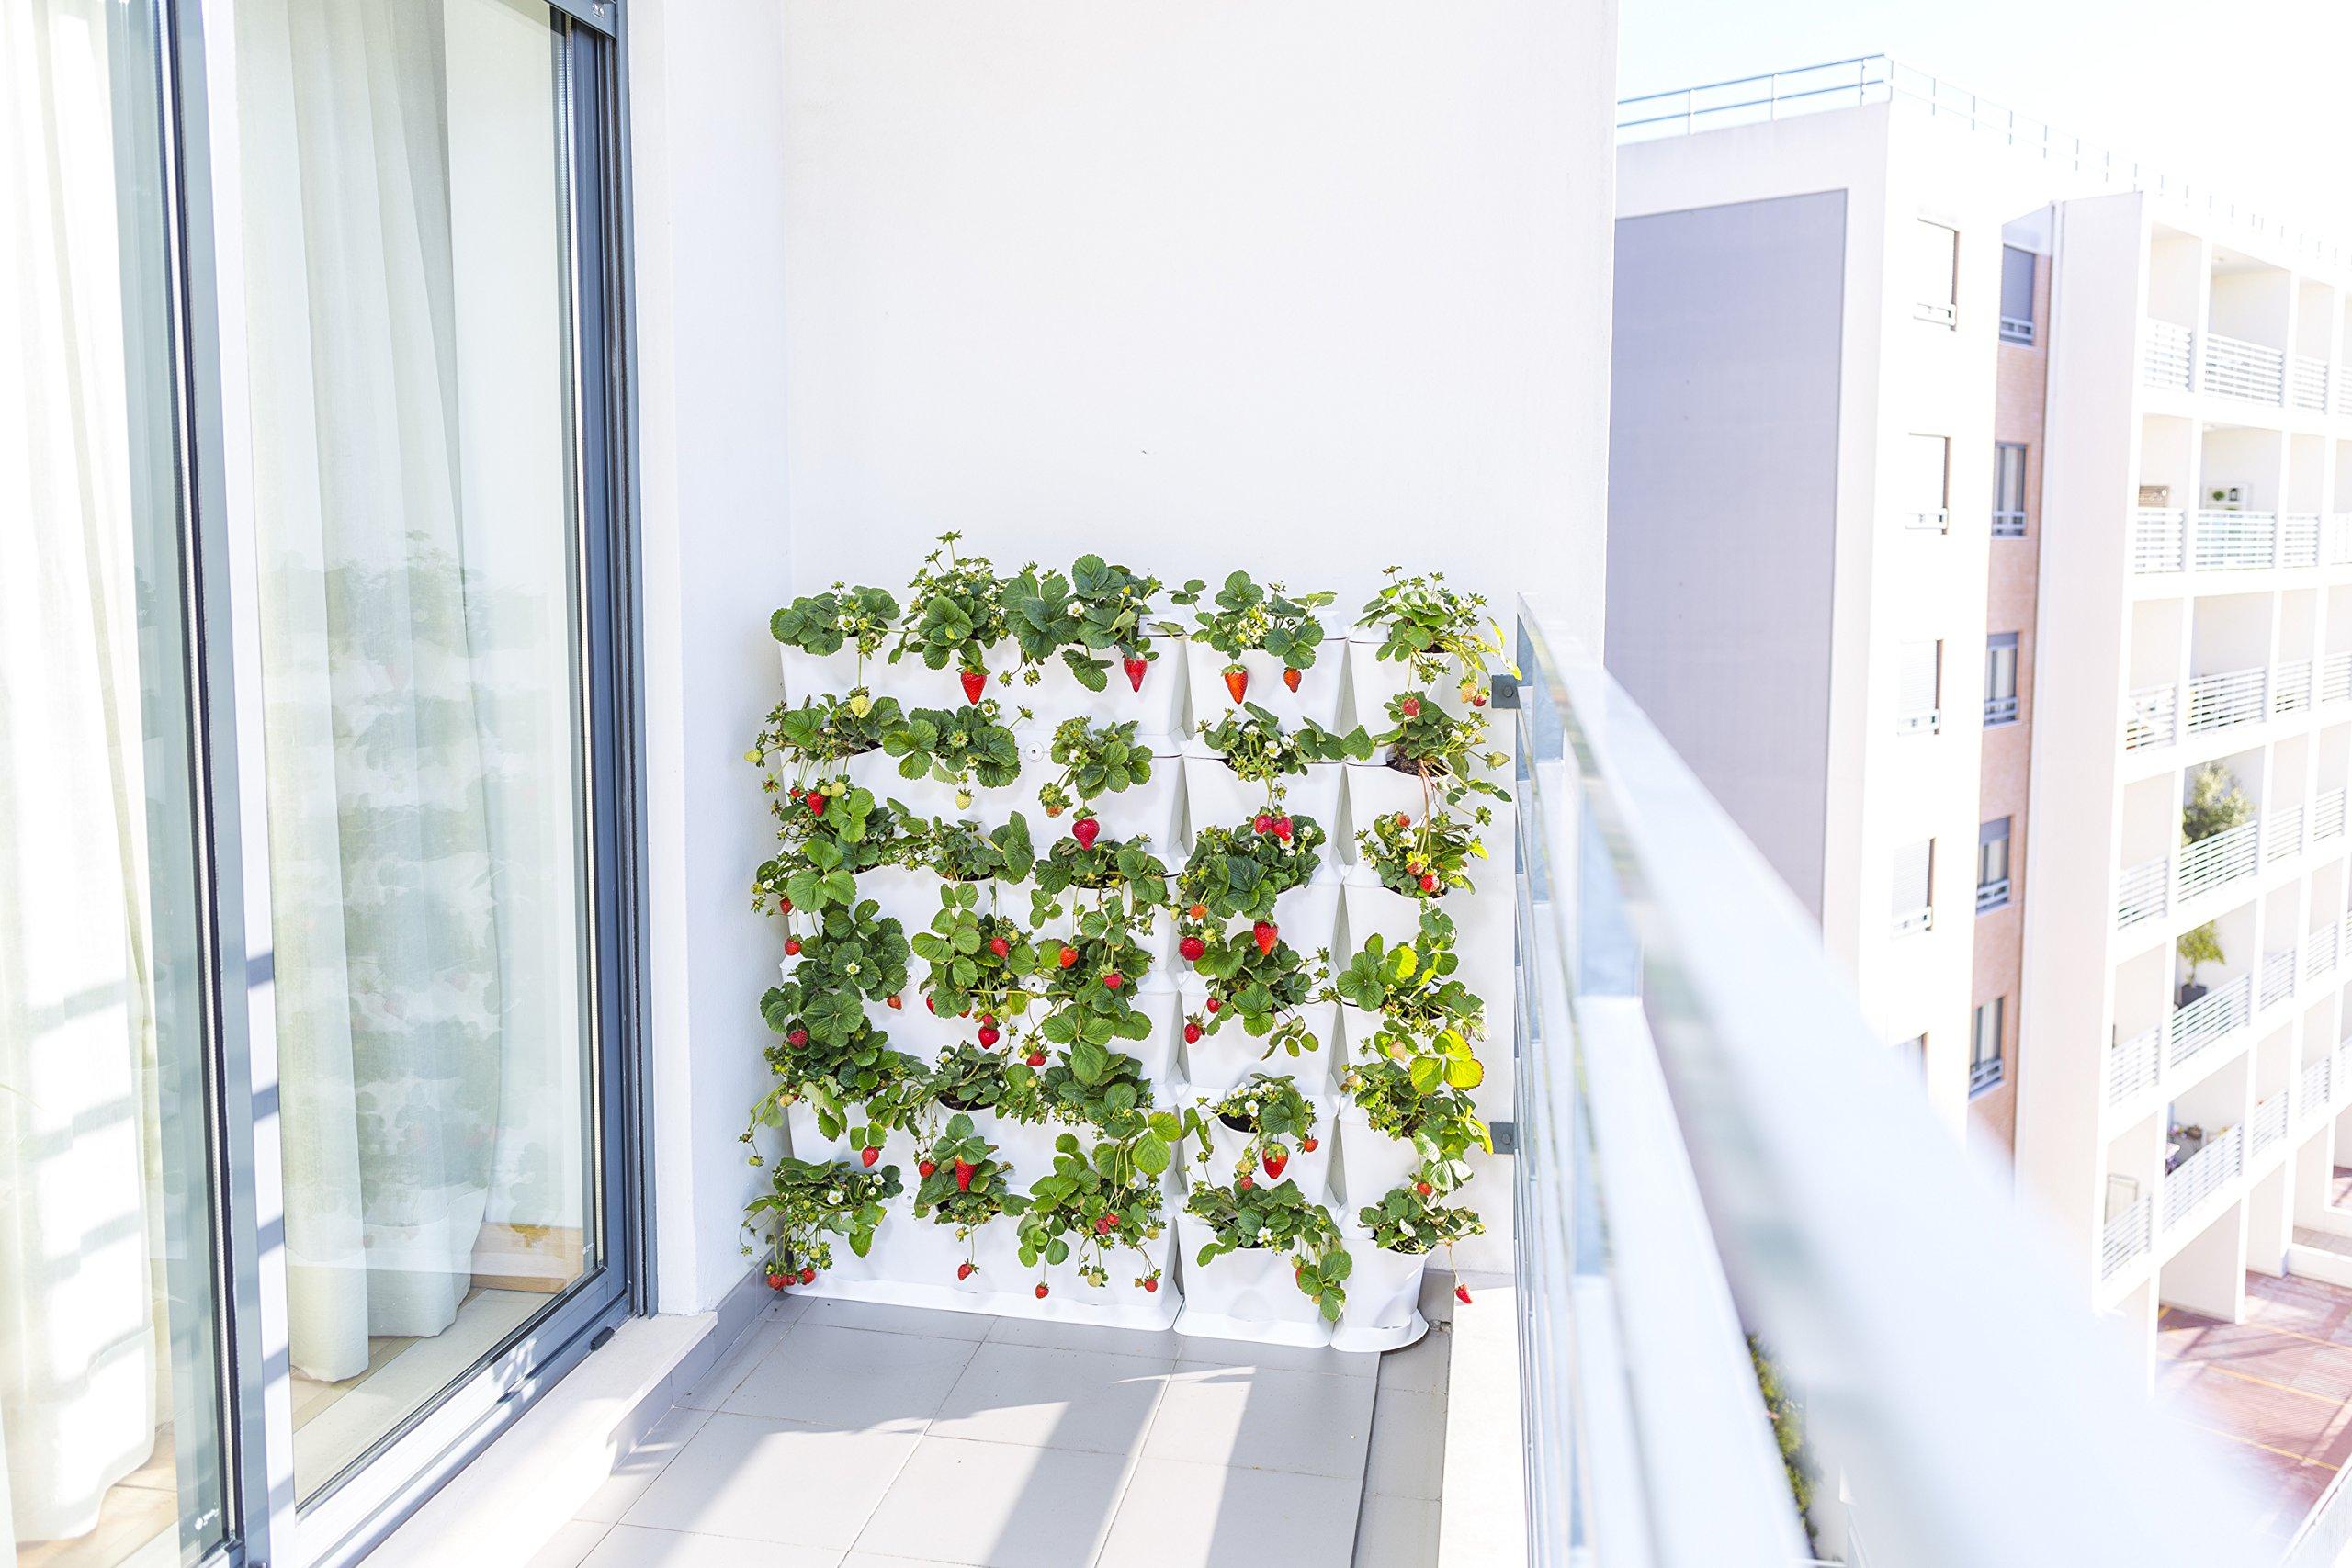 minigarden 1 Juego One para 3 Plantas, Jardín Vertical Modular y ...